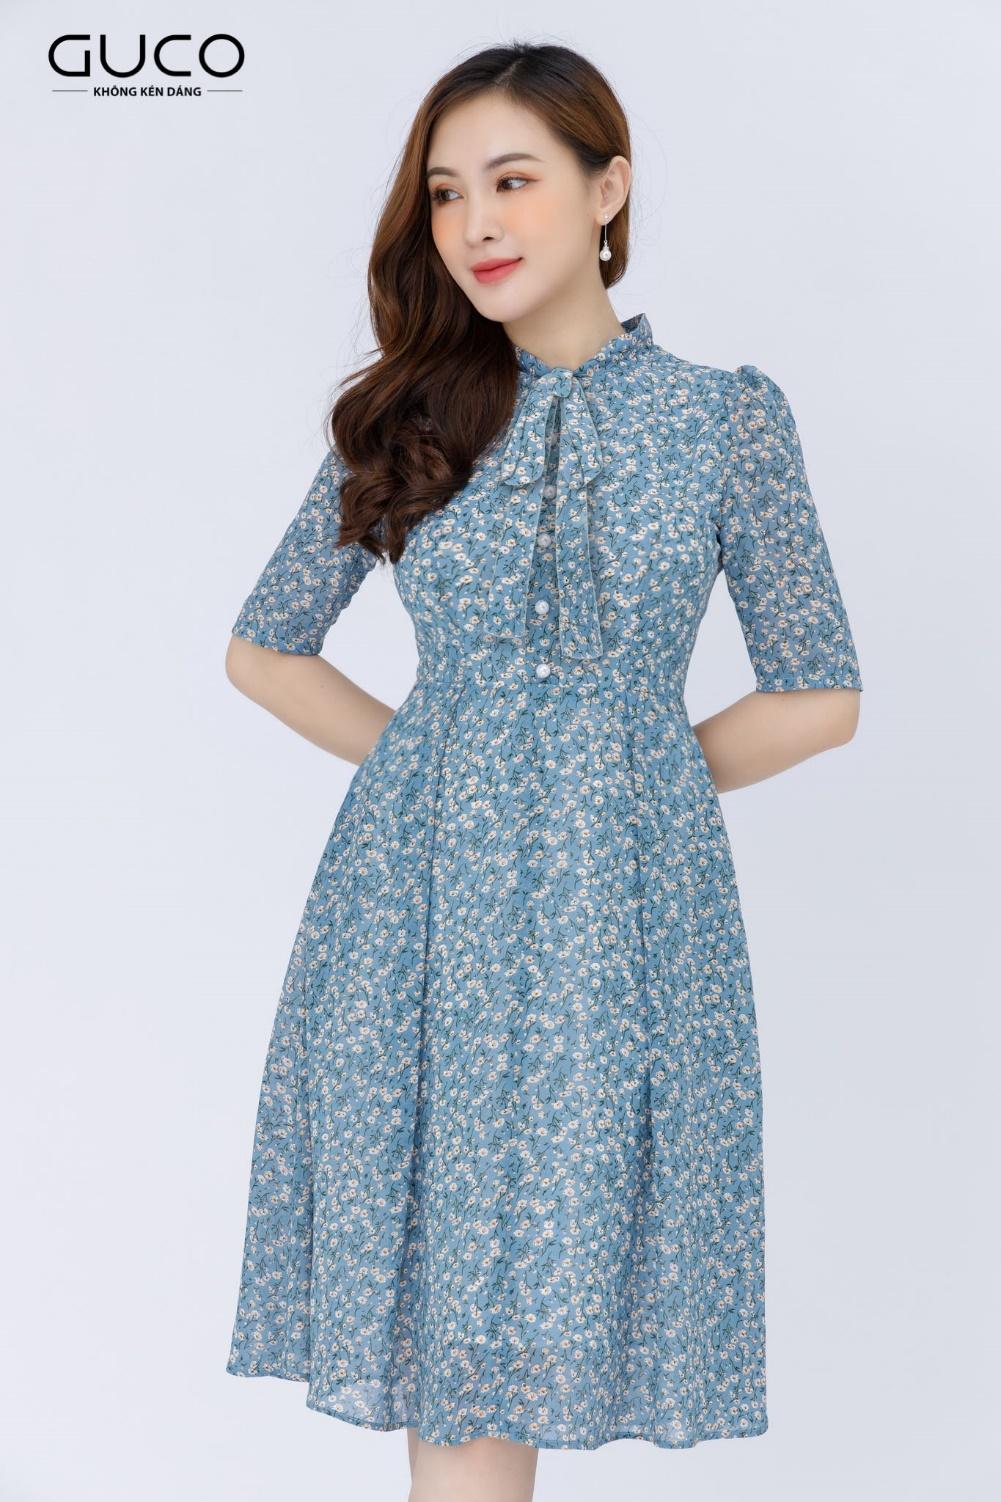 Trong thời gian sắp tới, thương hiệu thời trang GUCO cũng mở thêm nhiều chi nhánh để phục vụ nhu cầu mua sắm của phái đẹp trêncả nước.